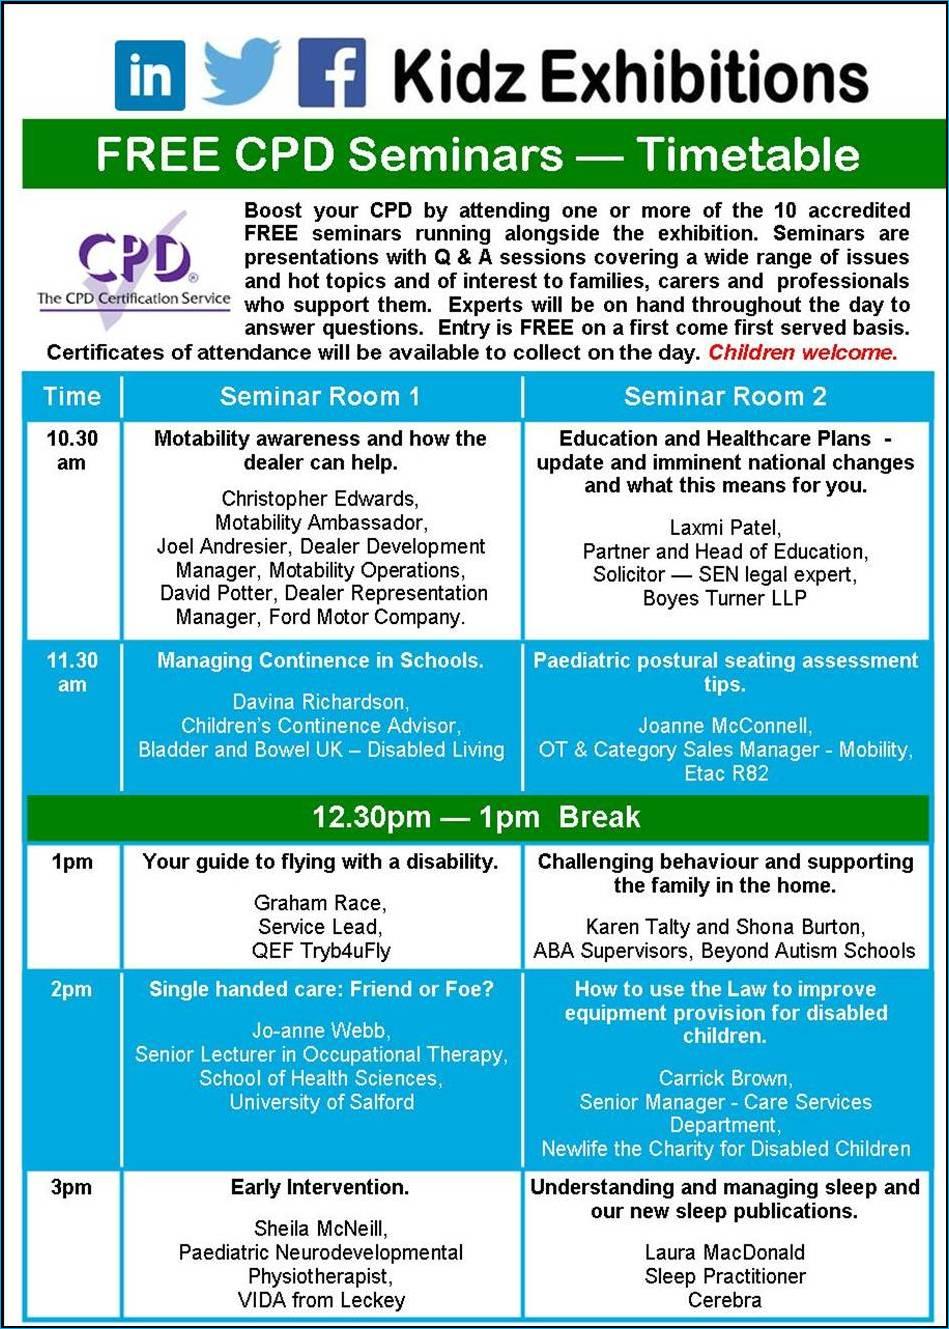 kidz-south-2018-CPD-Seminar-schedule